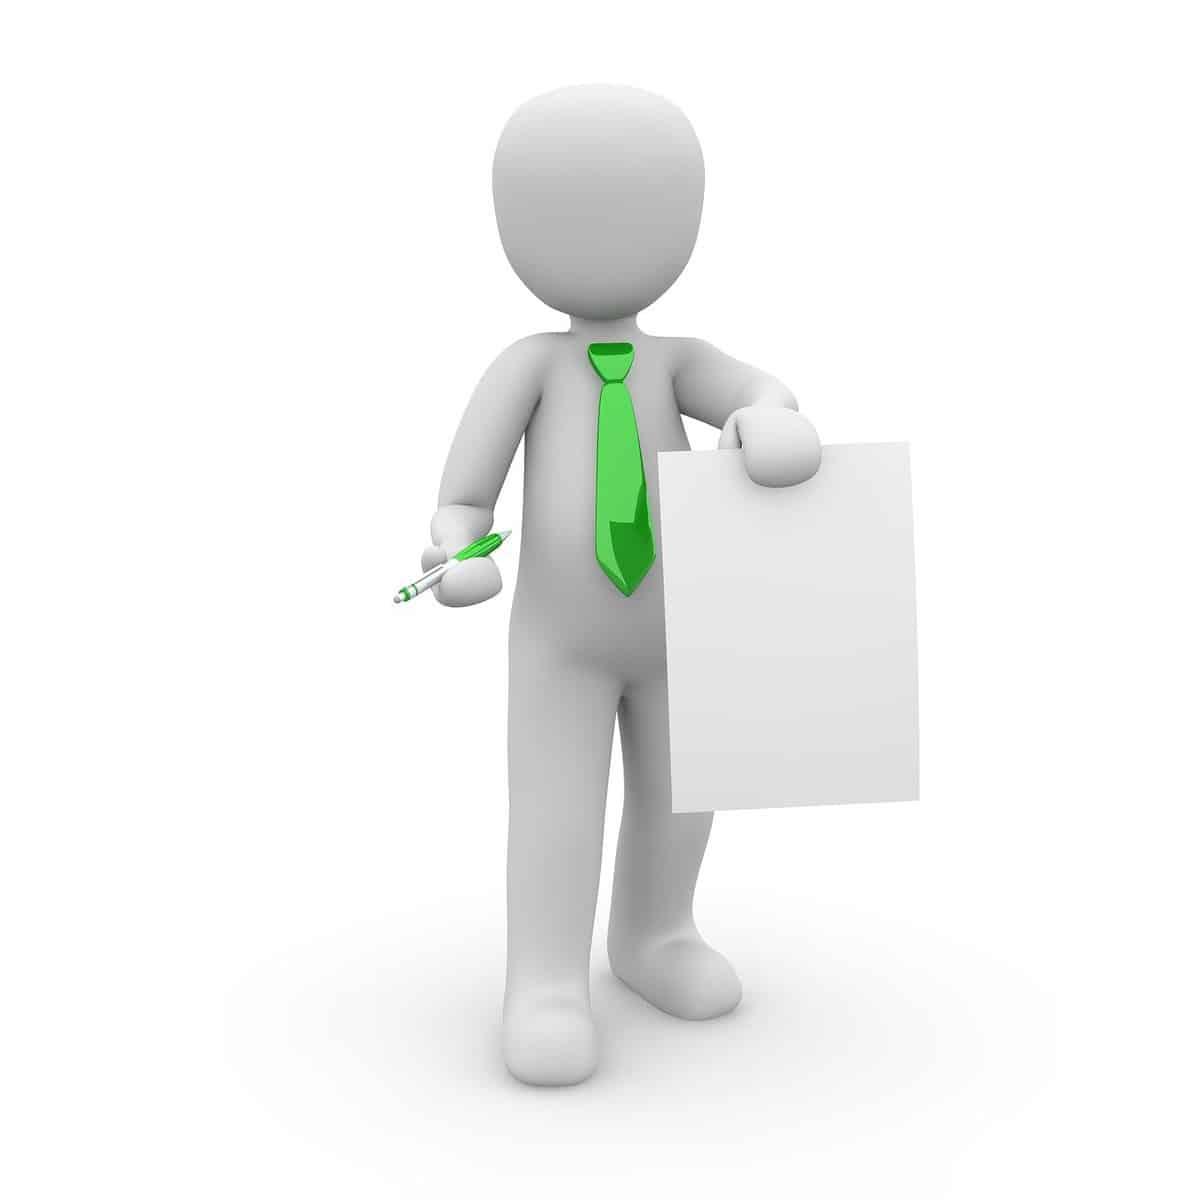 כיצד תבחרו את סוגי הביטוח המתאימים לכם? מדריך קצר ולעניין